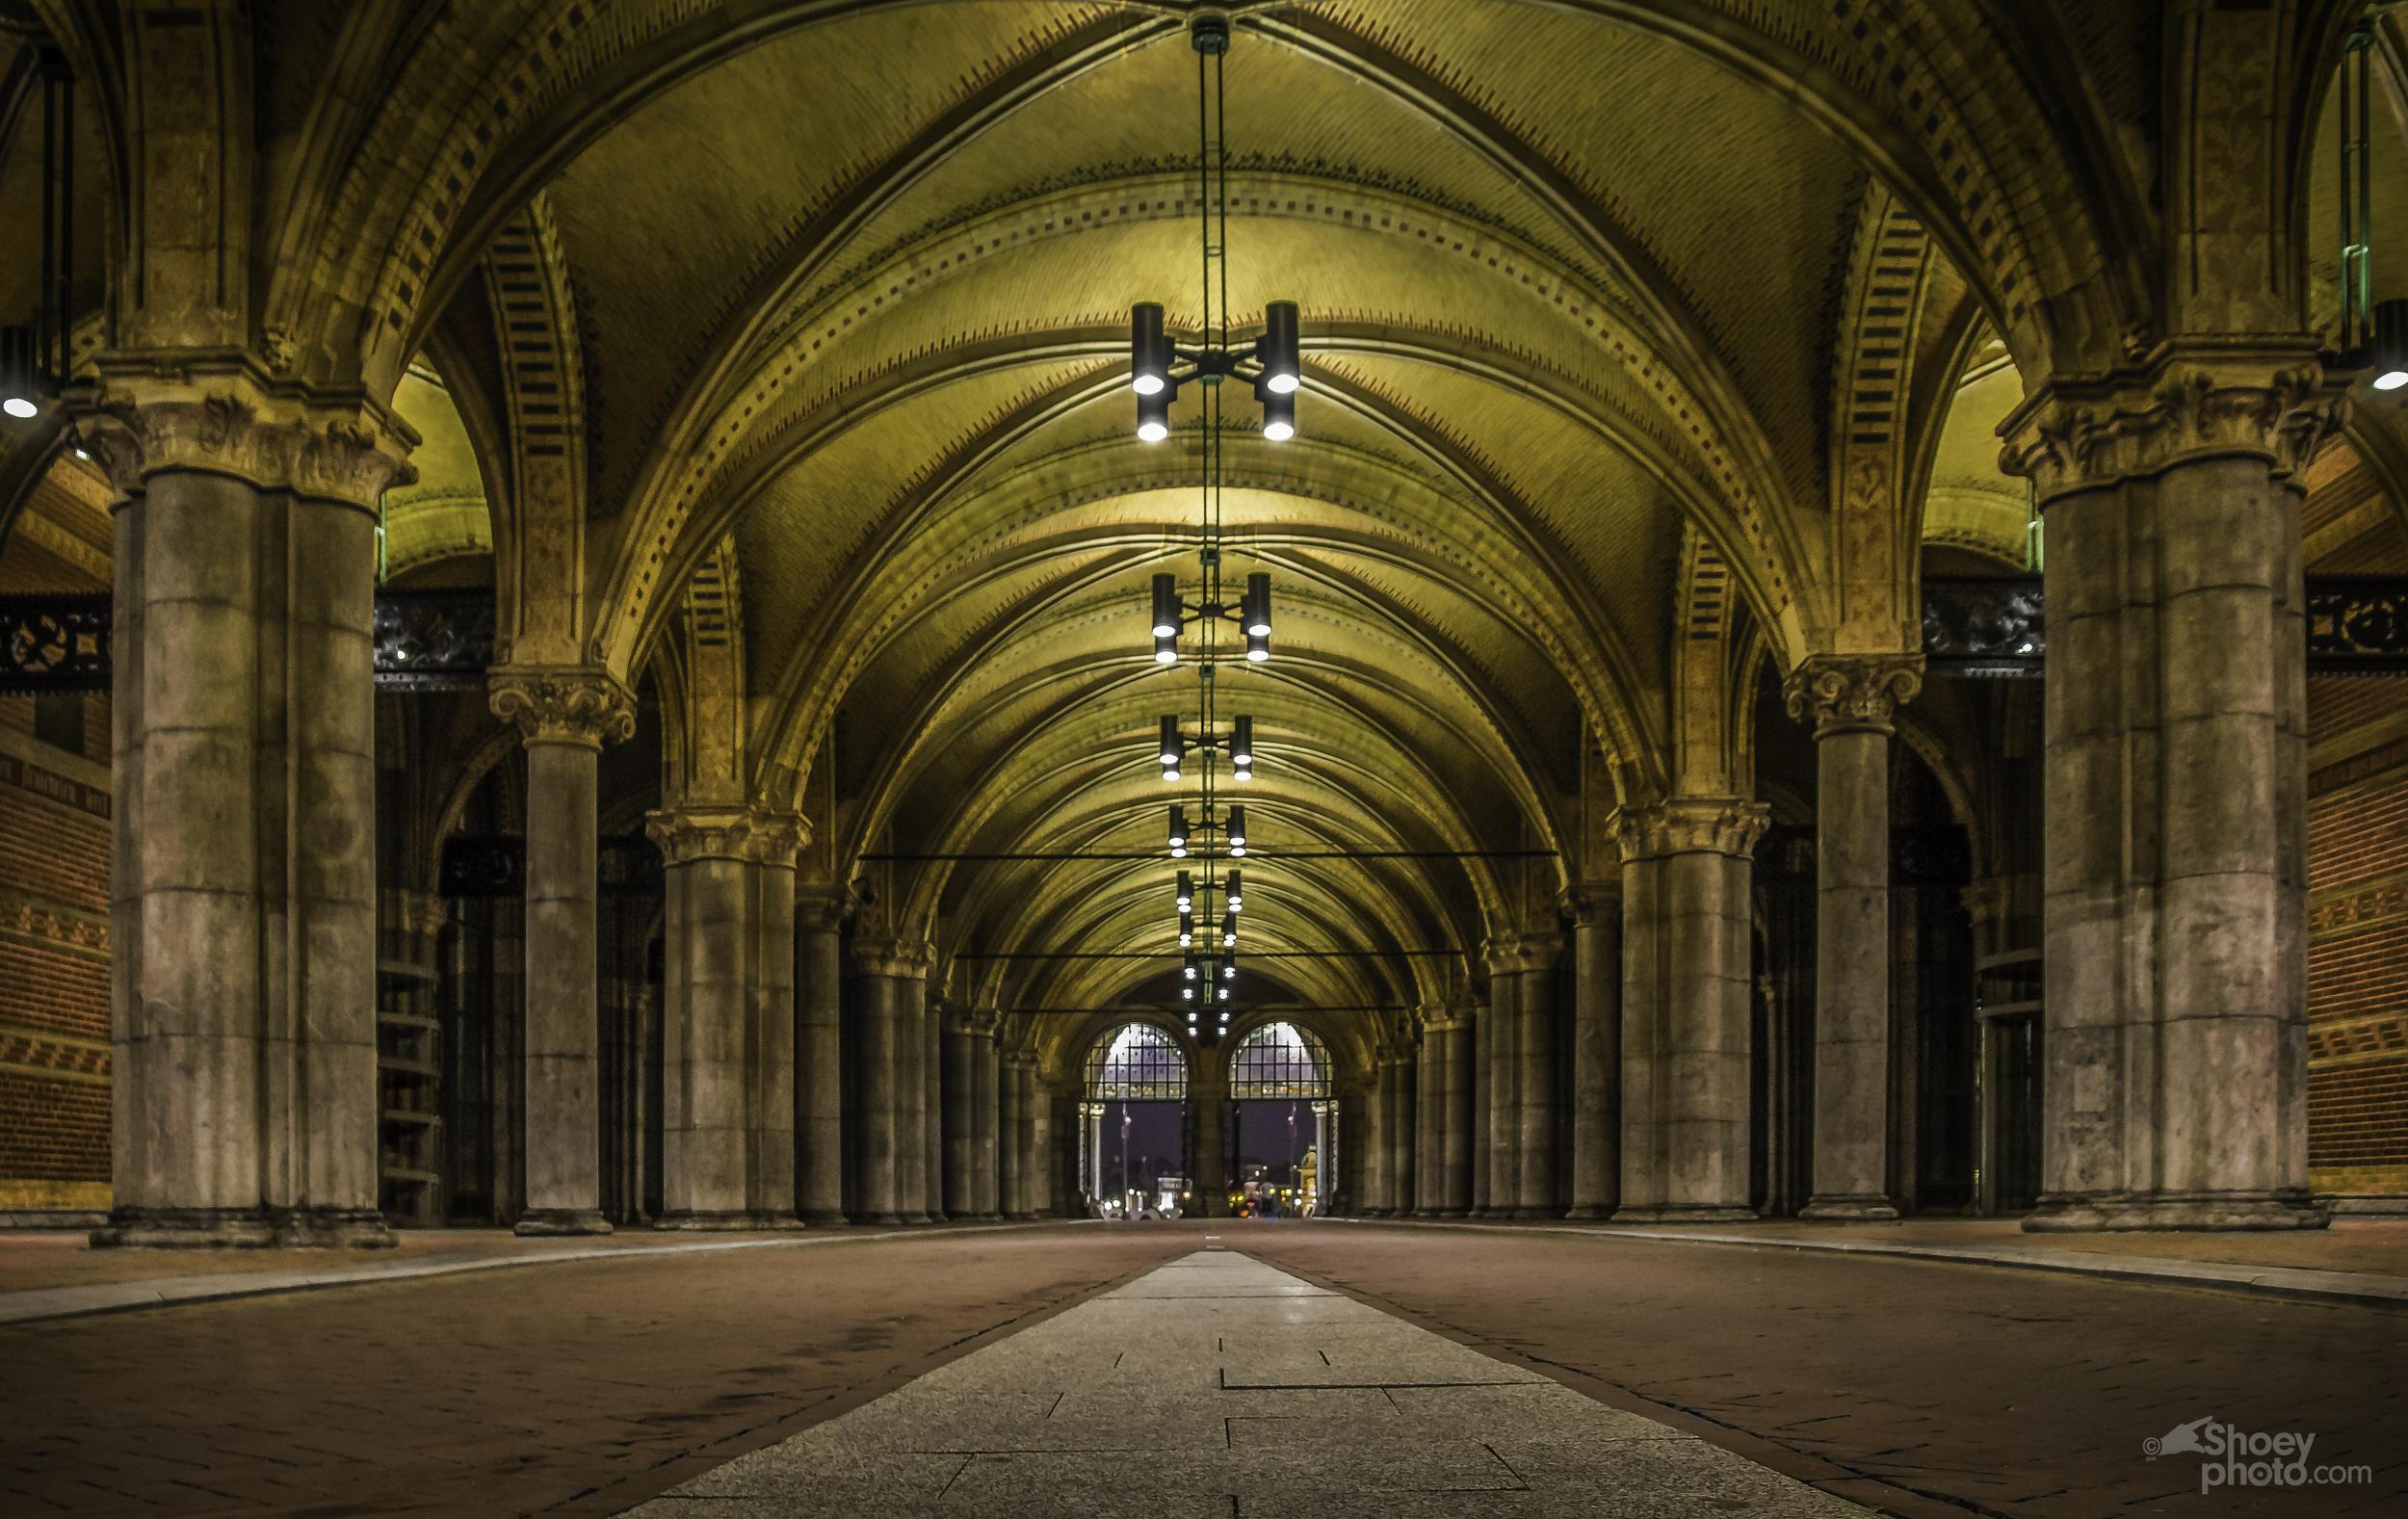 Rijksmuseum Arch